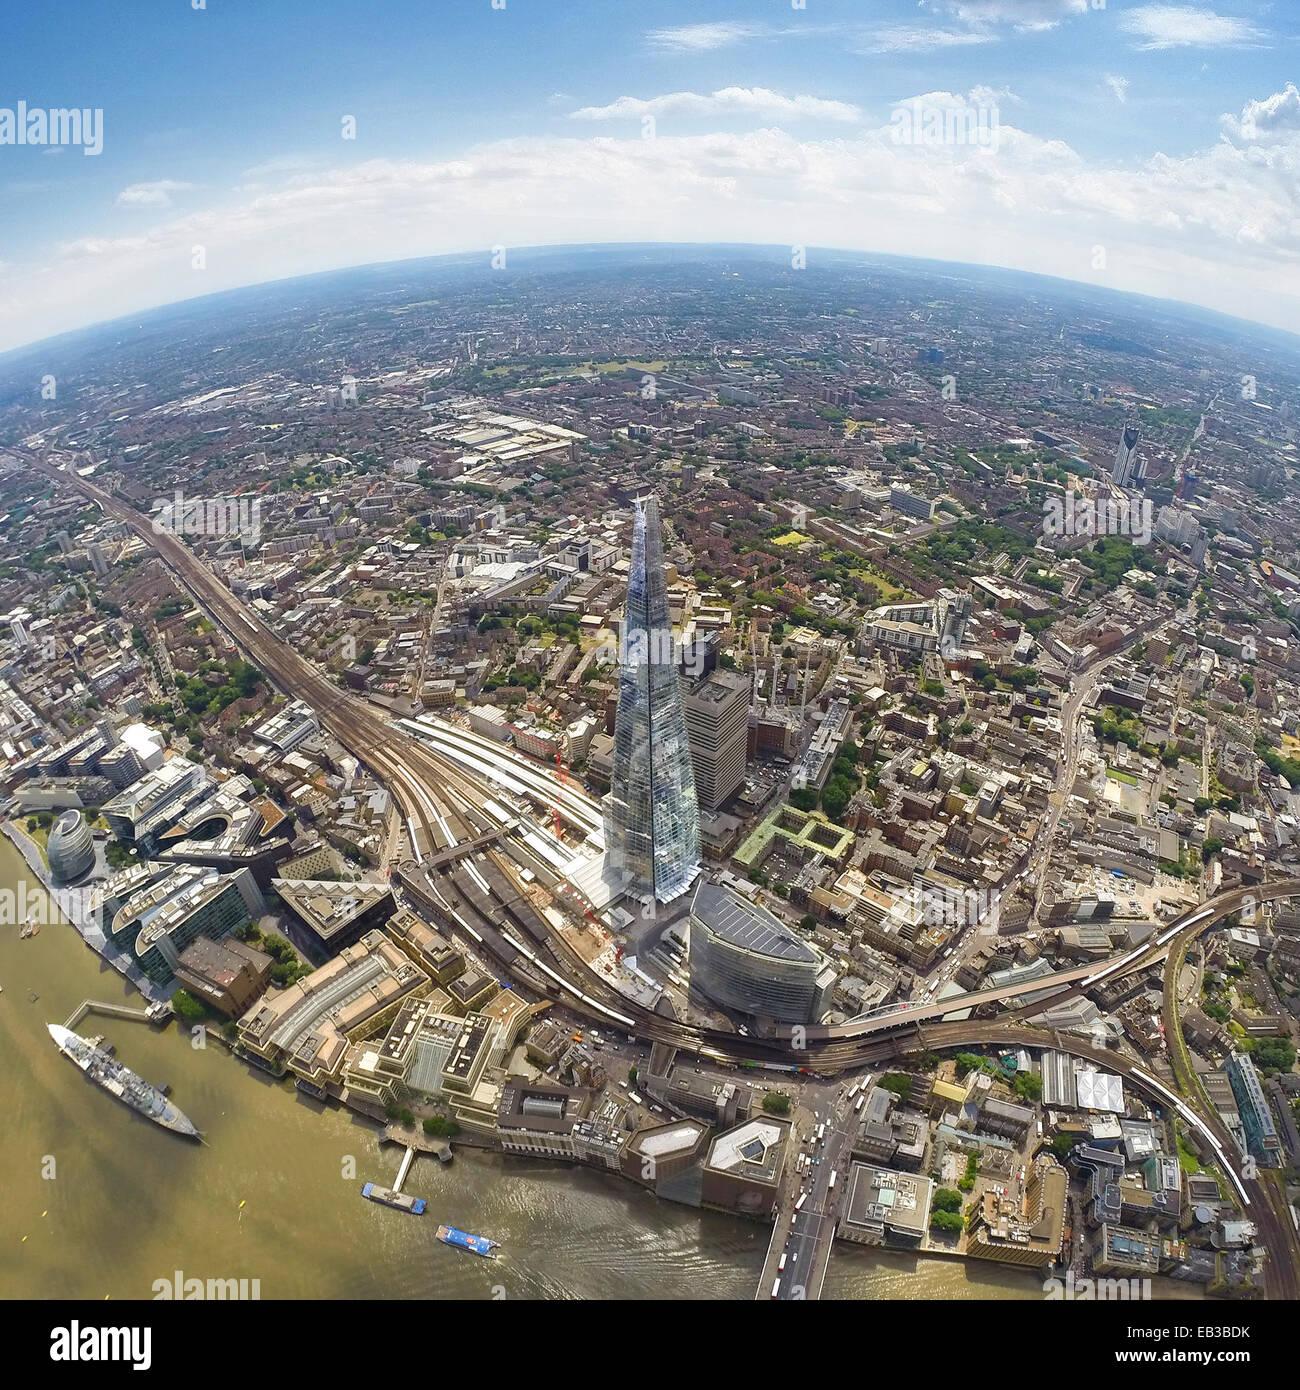 Regno Unito, Inghilterra, vista aerea di Shard a Londra Immagini Stock